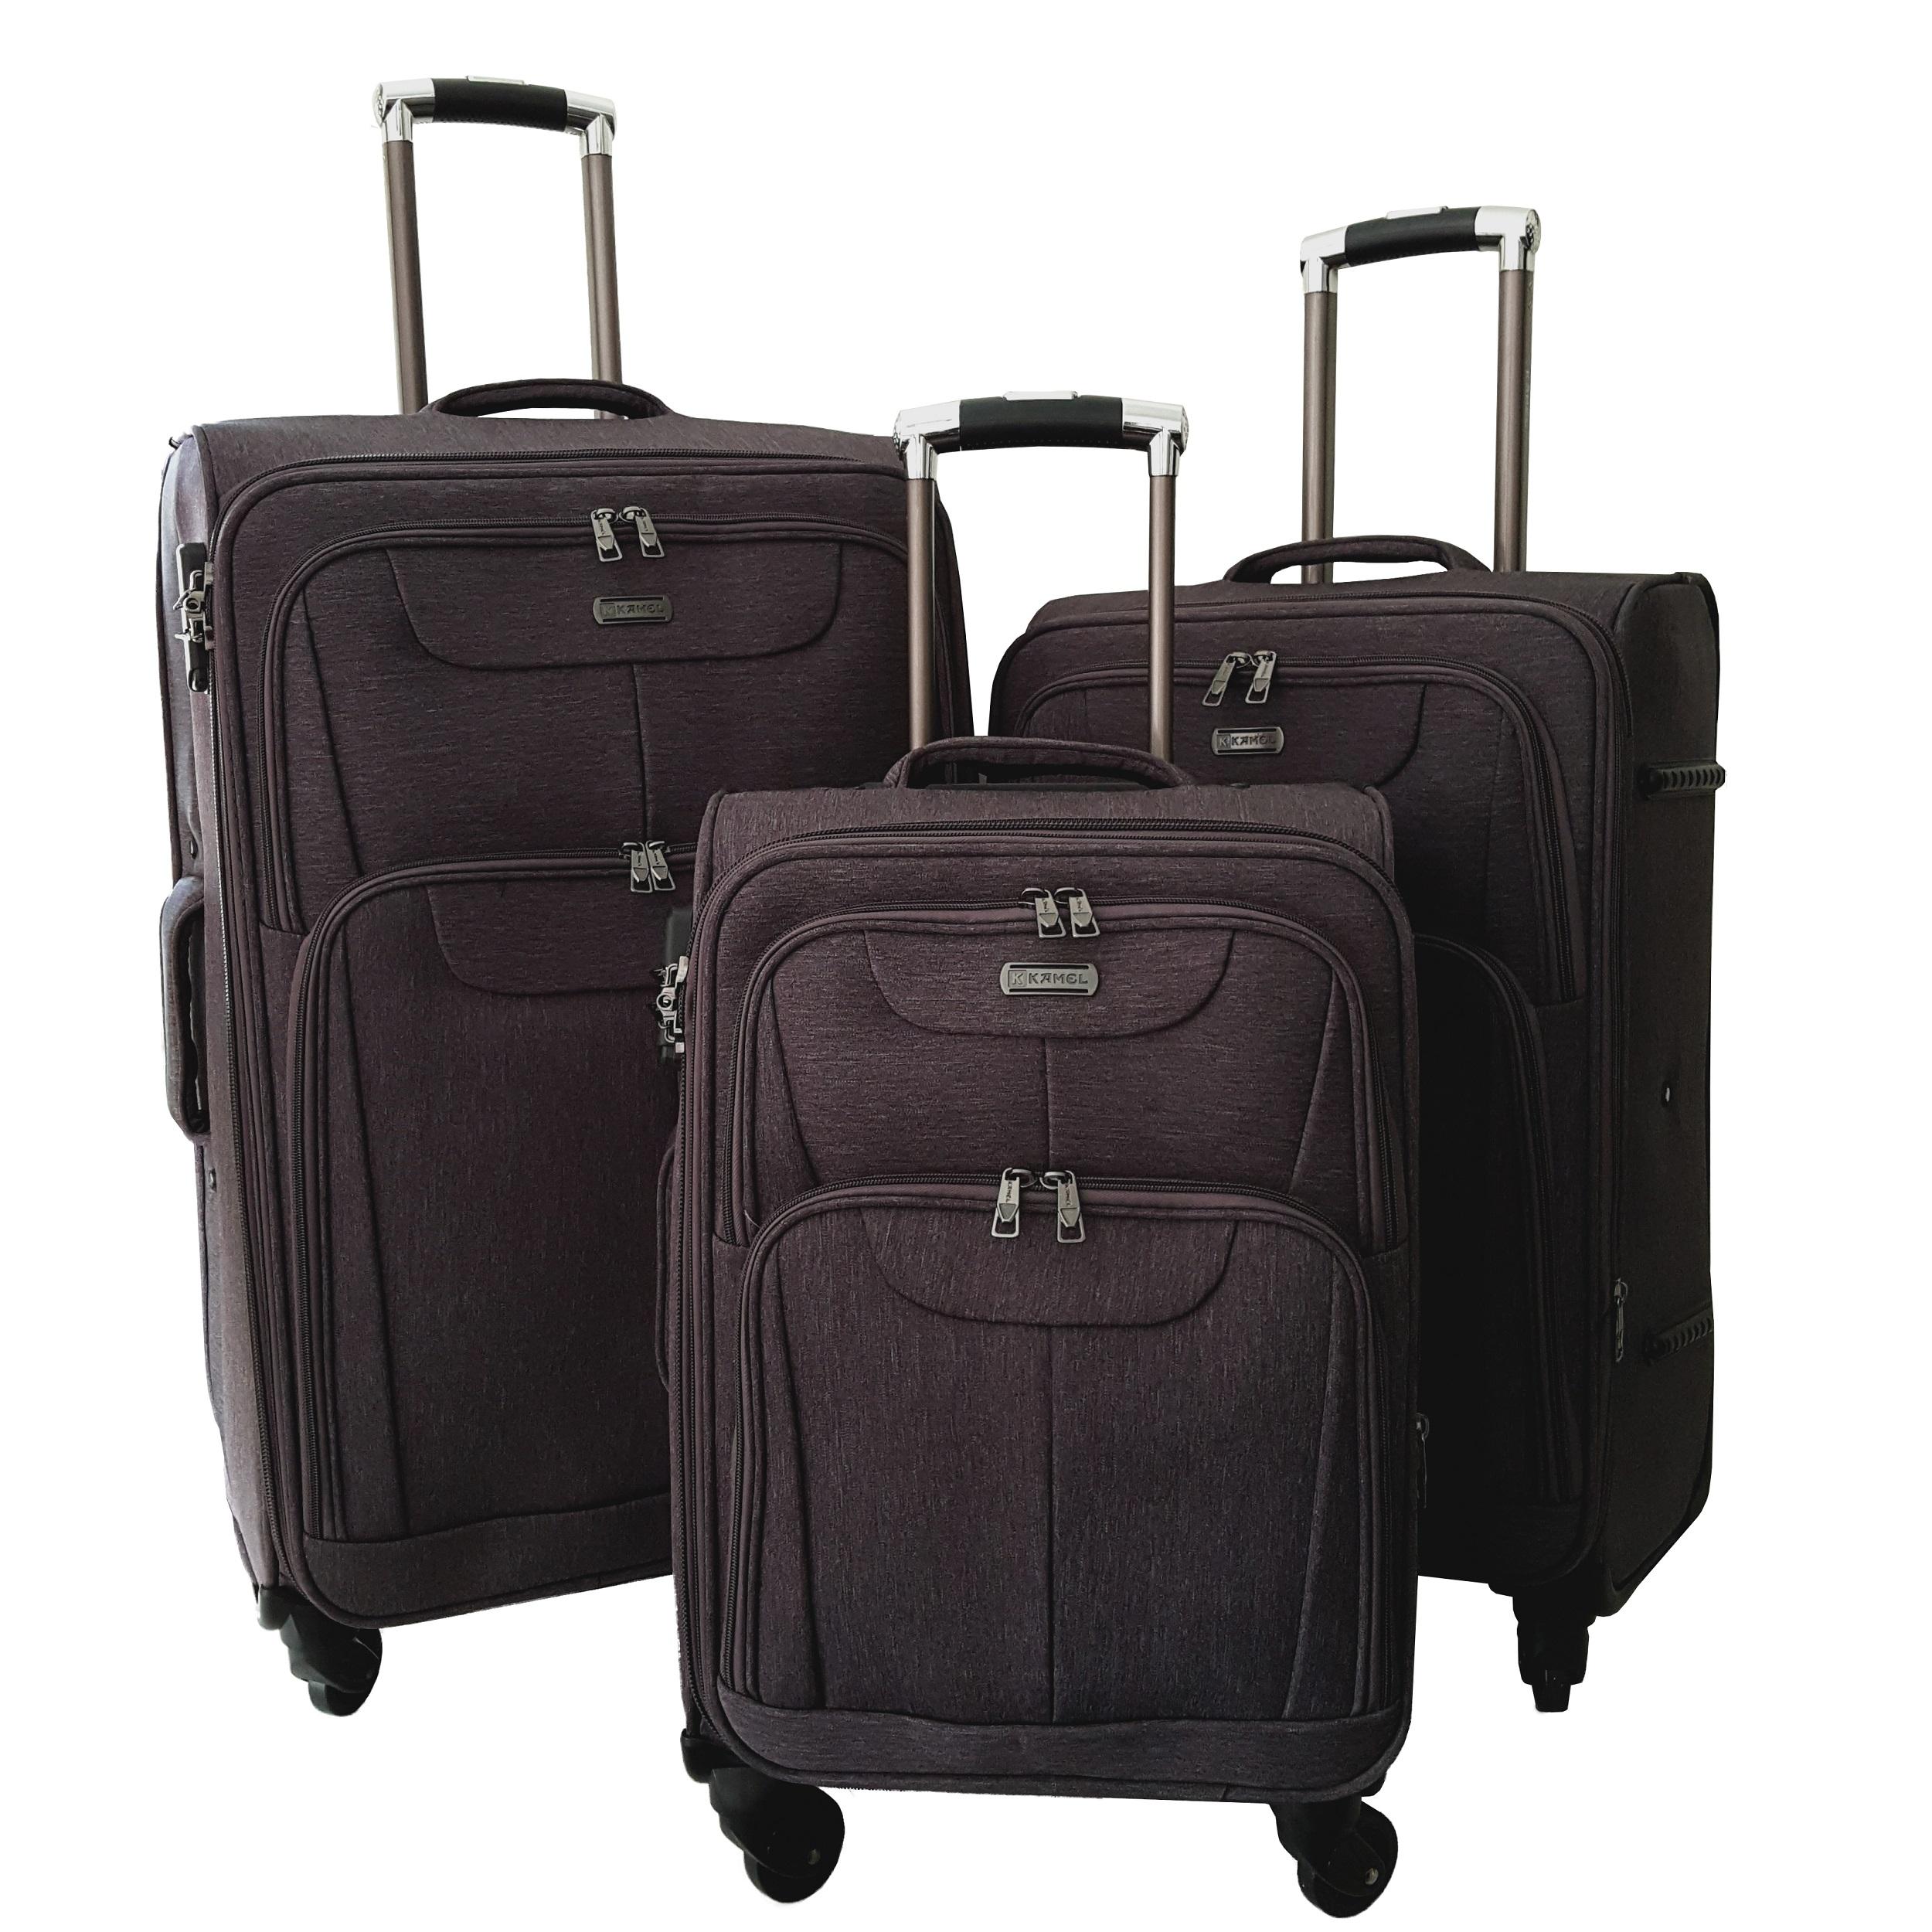 مجموعه سه عددی چمدان کمل کد 10199